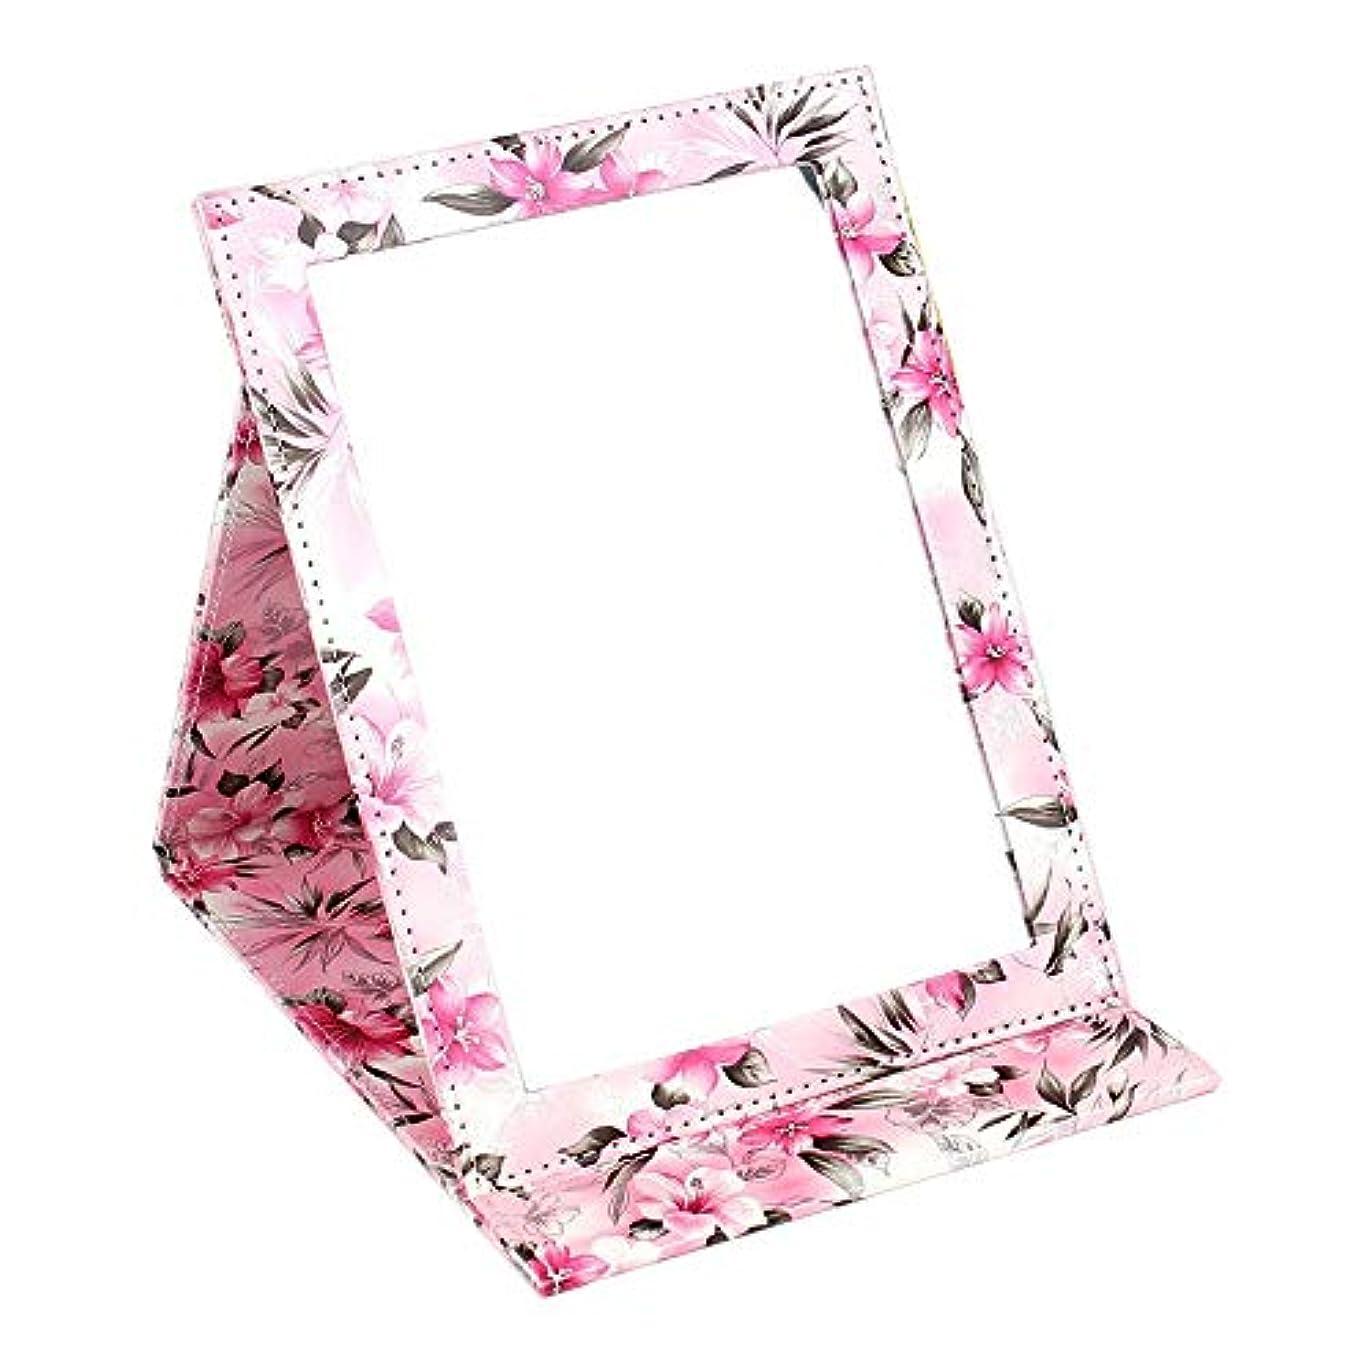 食事オペラ多年生YummyBuy 化粧ミラー 折りたたみ ミラー 鏡 卓上 化粧 化粧鏡 角度調整自由自在 上質PUレザー使用(クロコダイル?パターン、2サイズ) (大きなサイズ, ハッピーカラー)